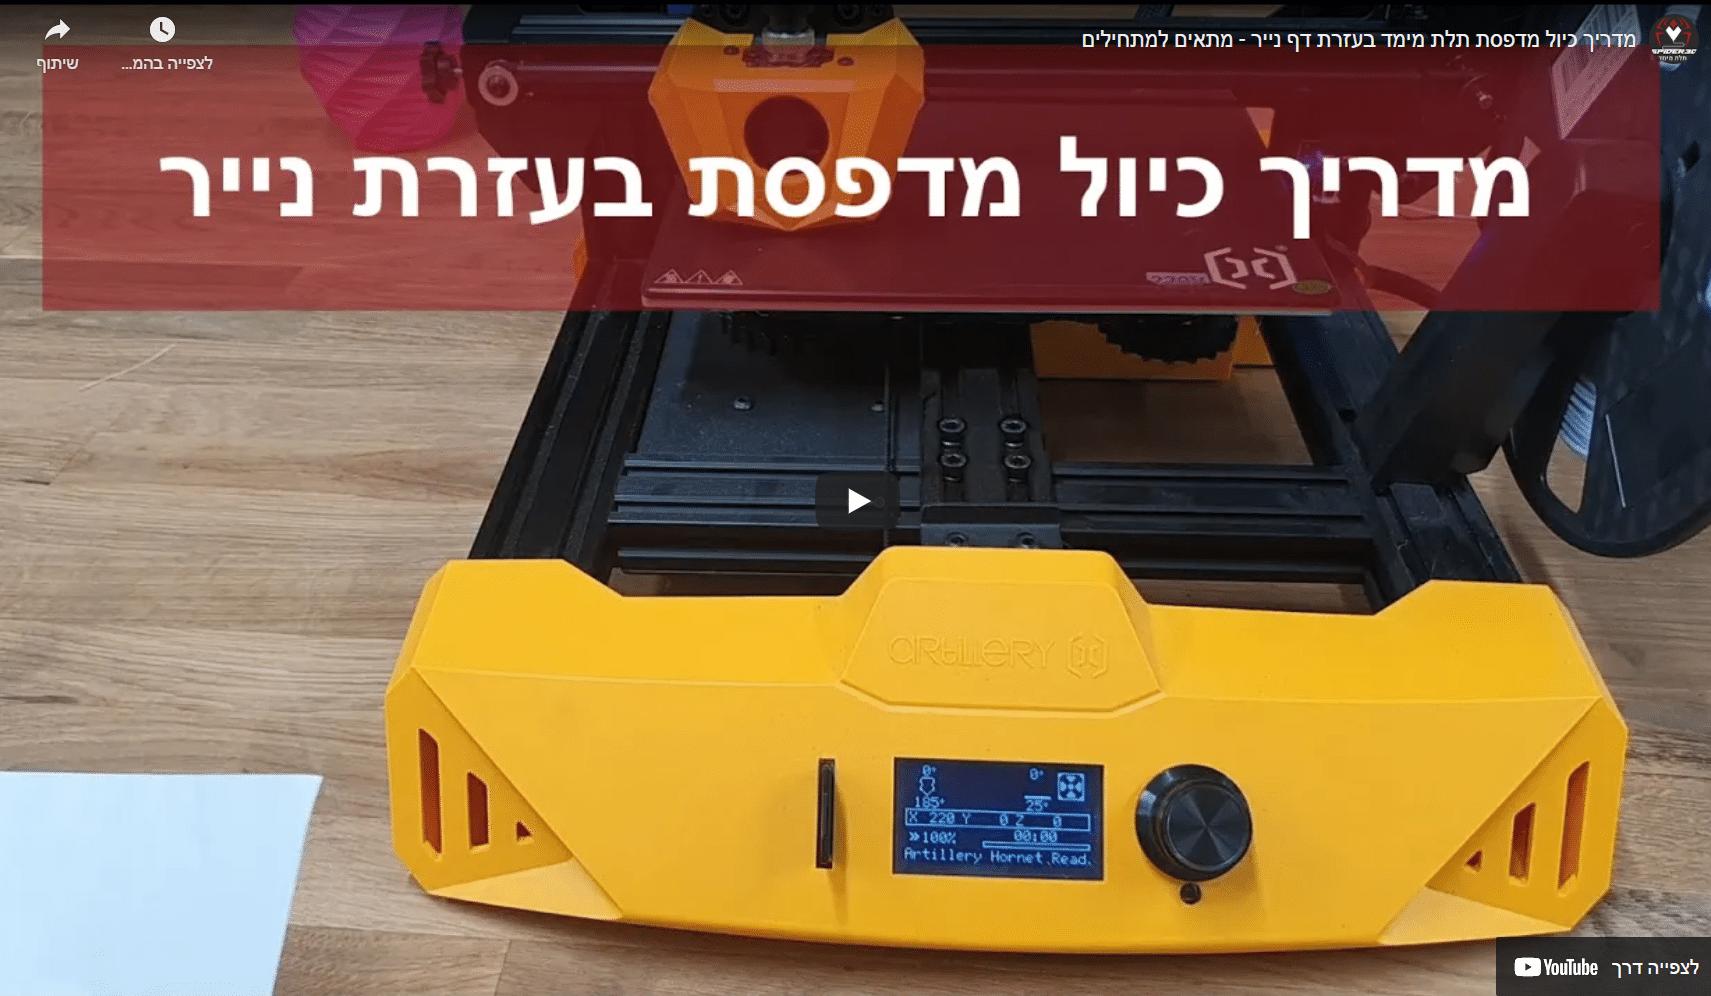 מדריך שימוש מדפסת תלת מימד